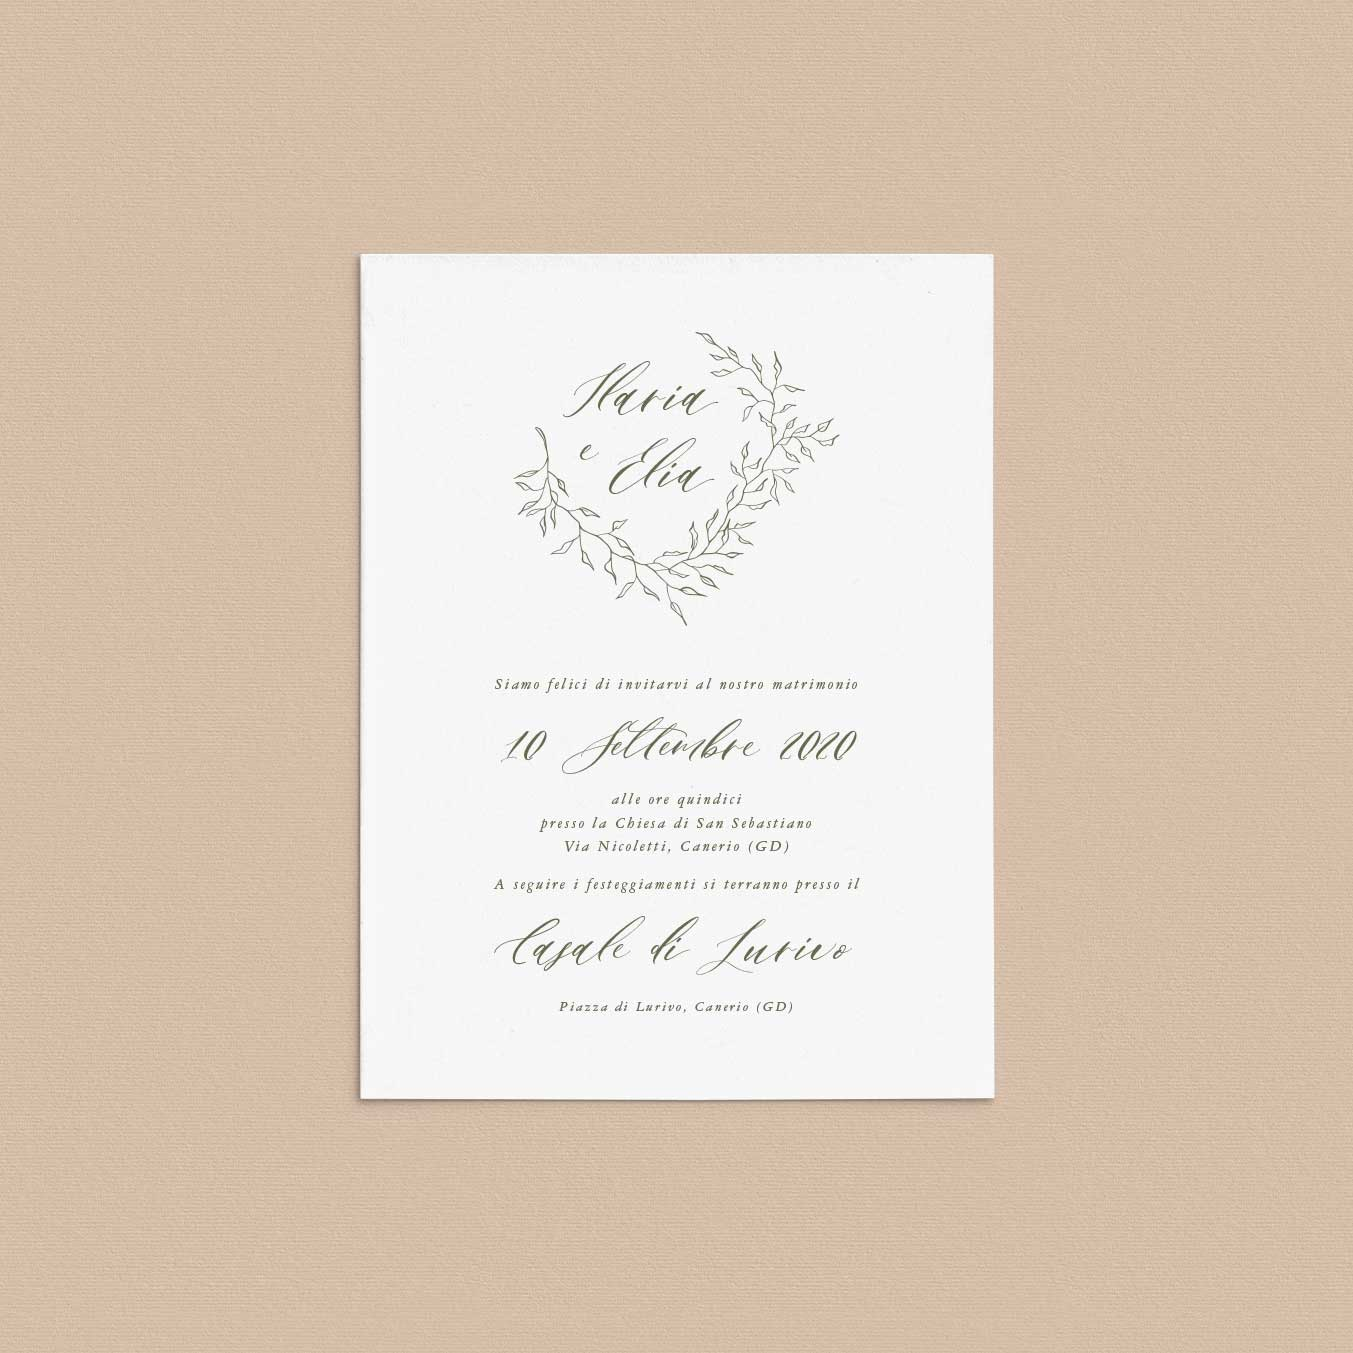 Partecipazioni-modello-rustico-vintage-natura-natural-chic-boho-inviti-matrimonio-elegante-vintage